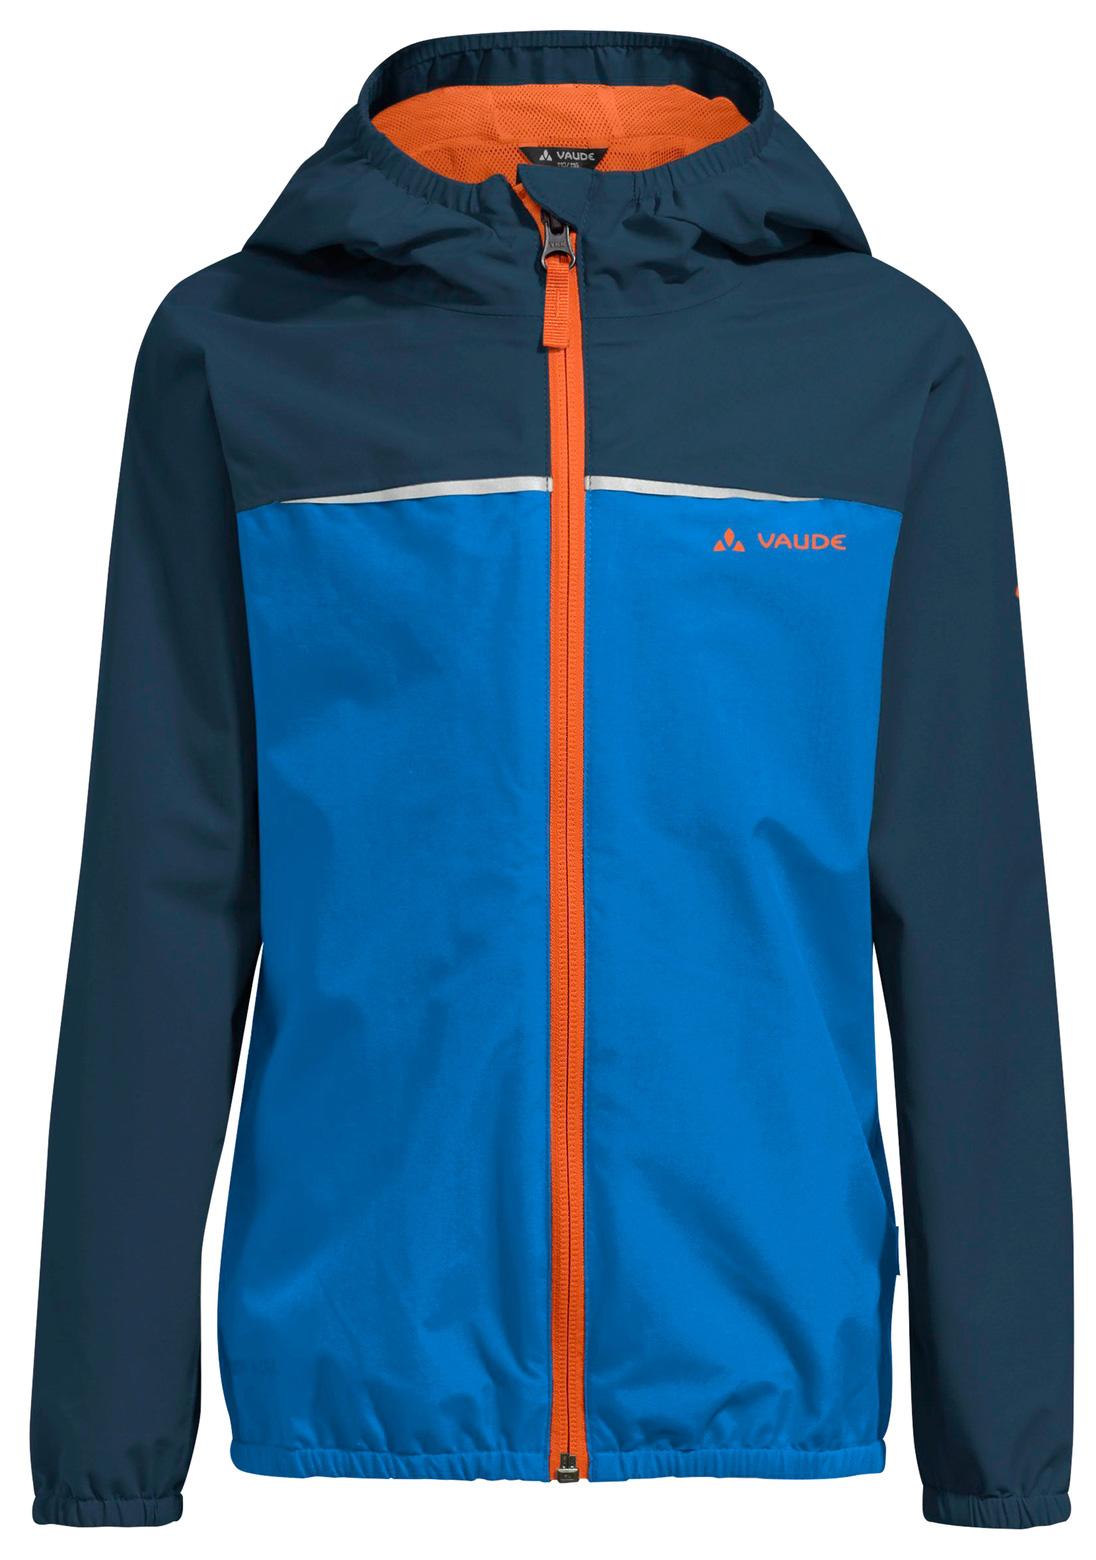 Vaude Kids Turaco Jacket II - radiate blue